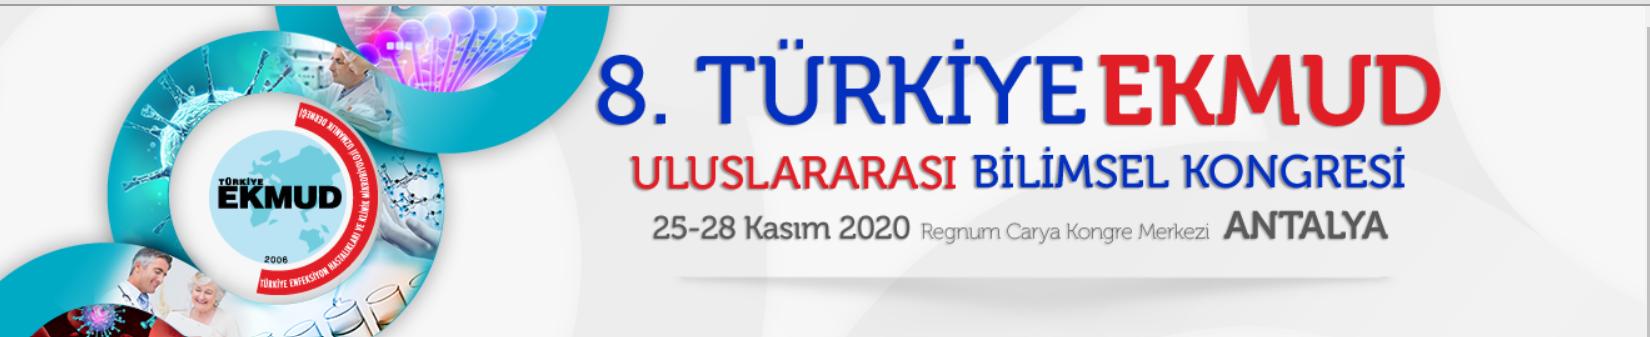 8. Türkiye EKMUD Uluslararası Bilimsel Kongresi